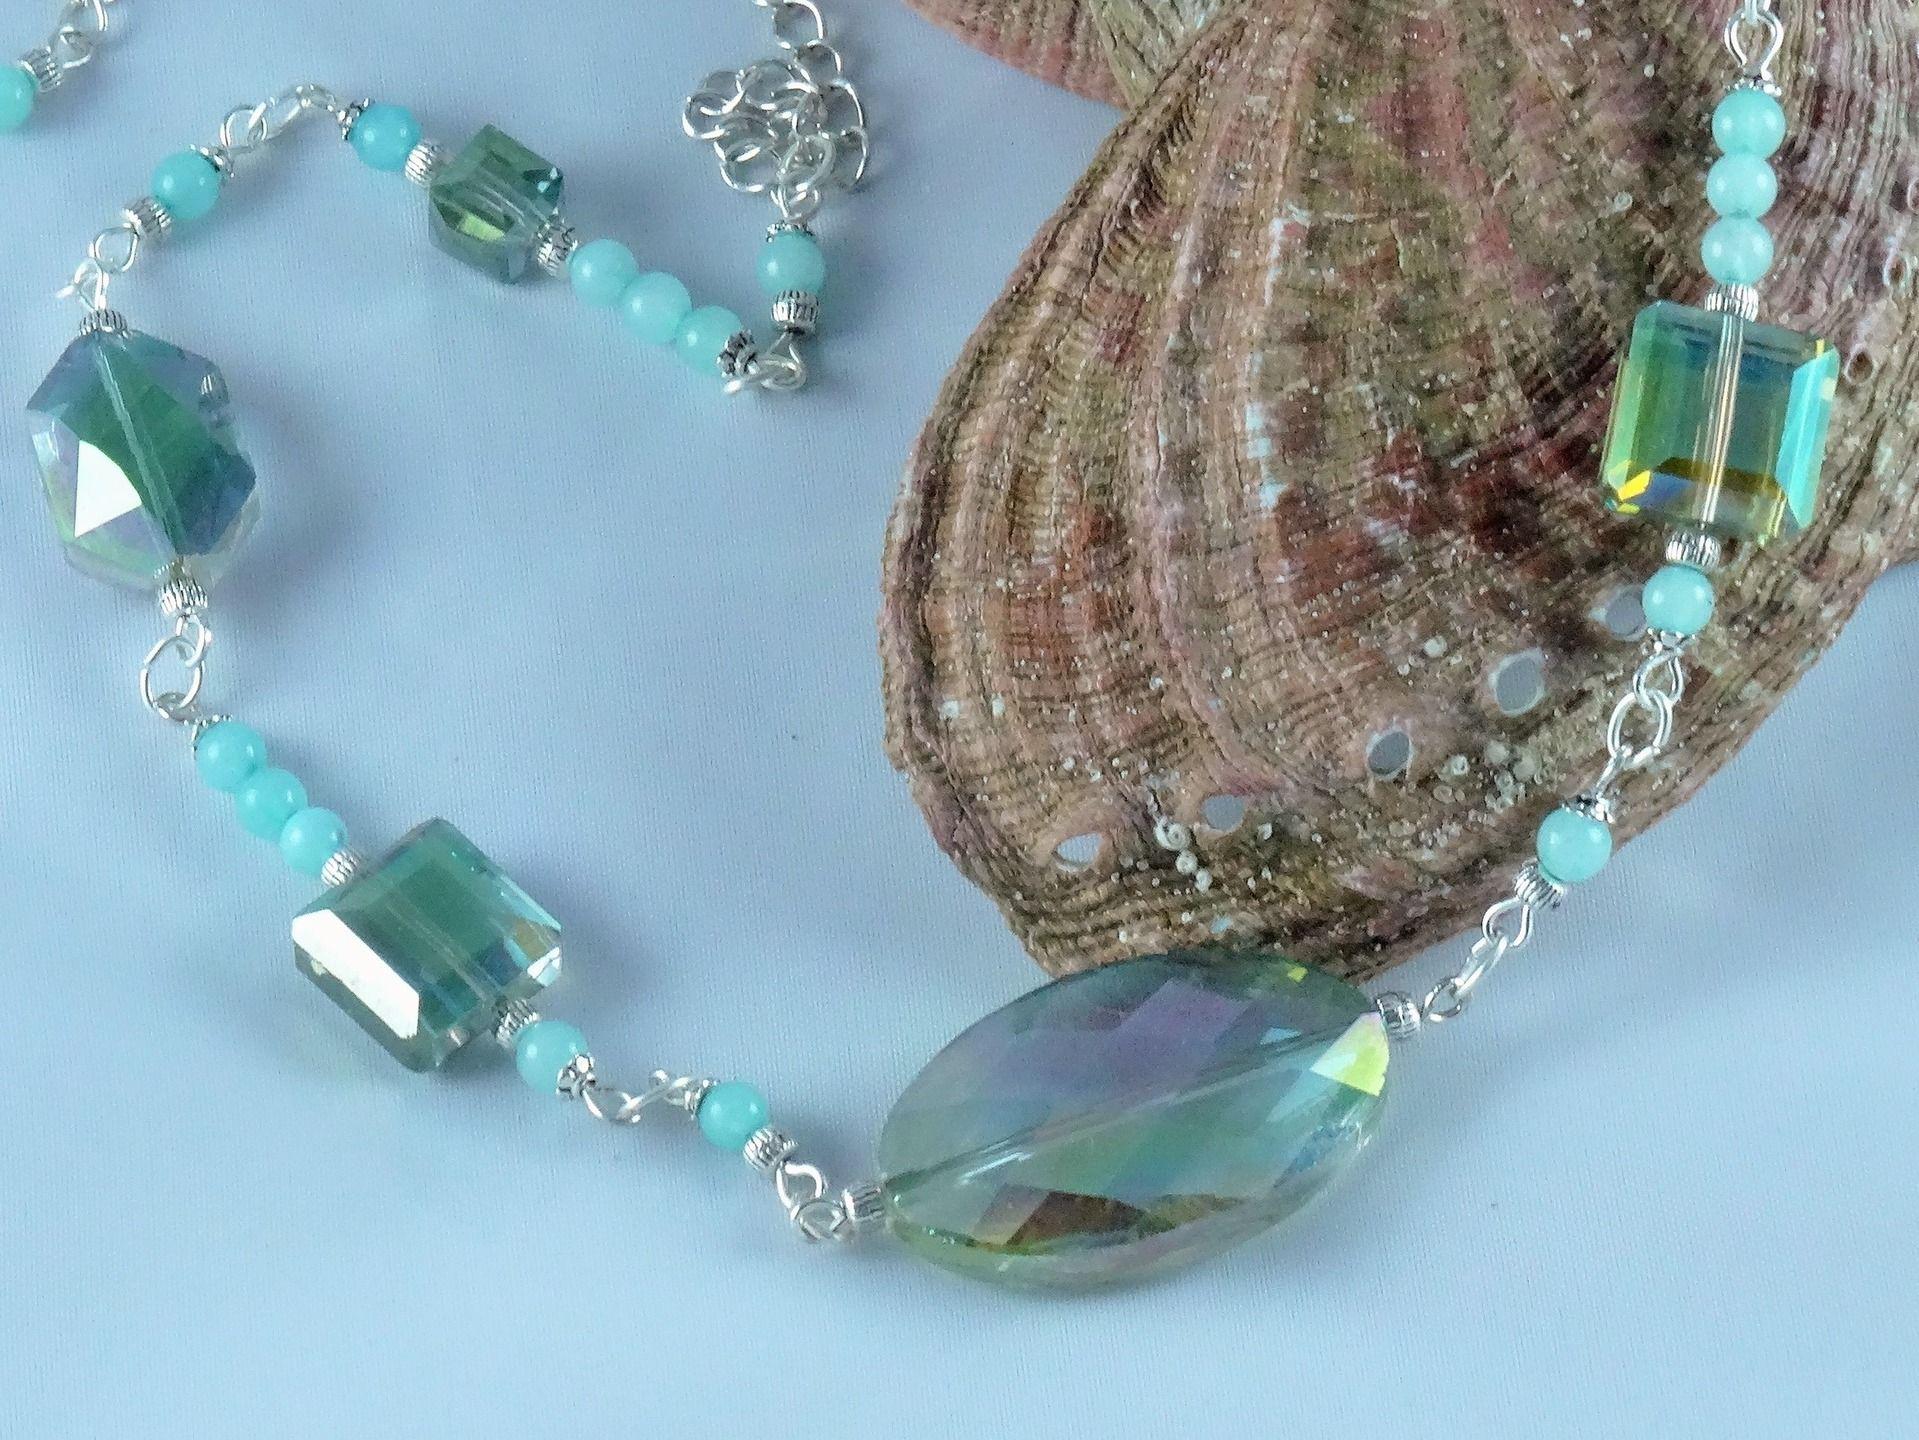 Collier cristal et jade bleu: mélange de formes et de matières pour ce collier bleu-vert